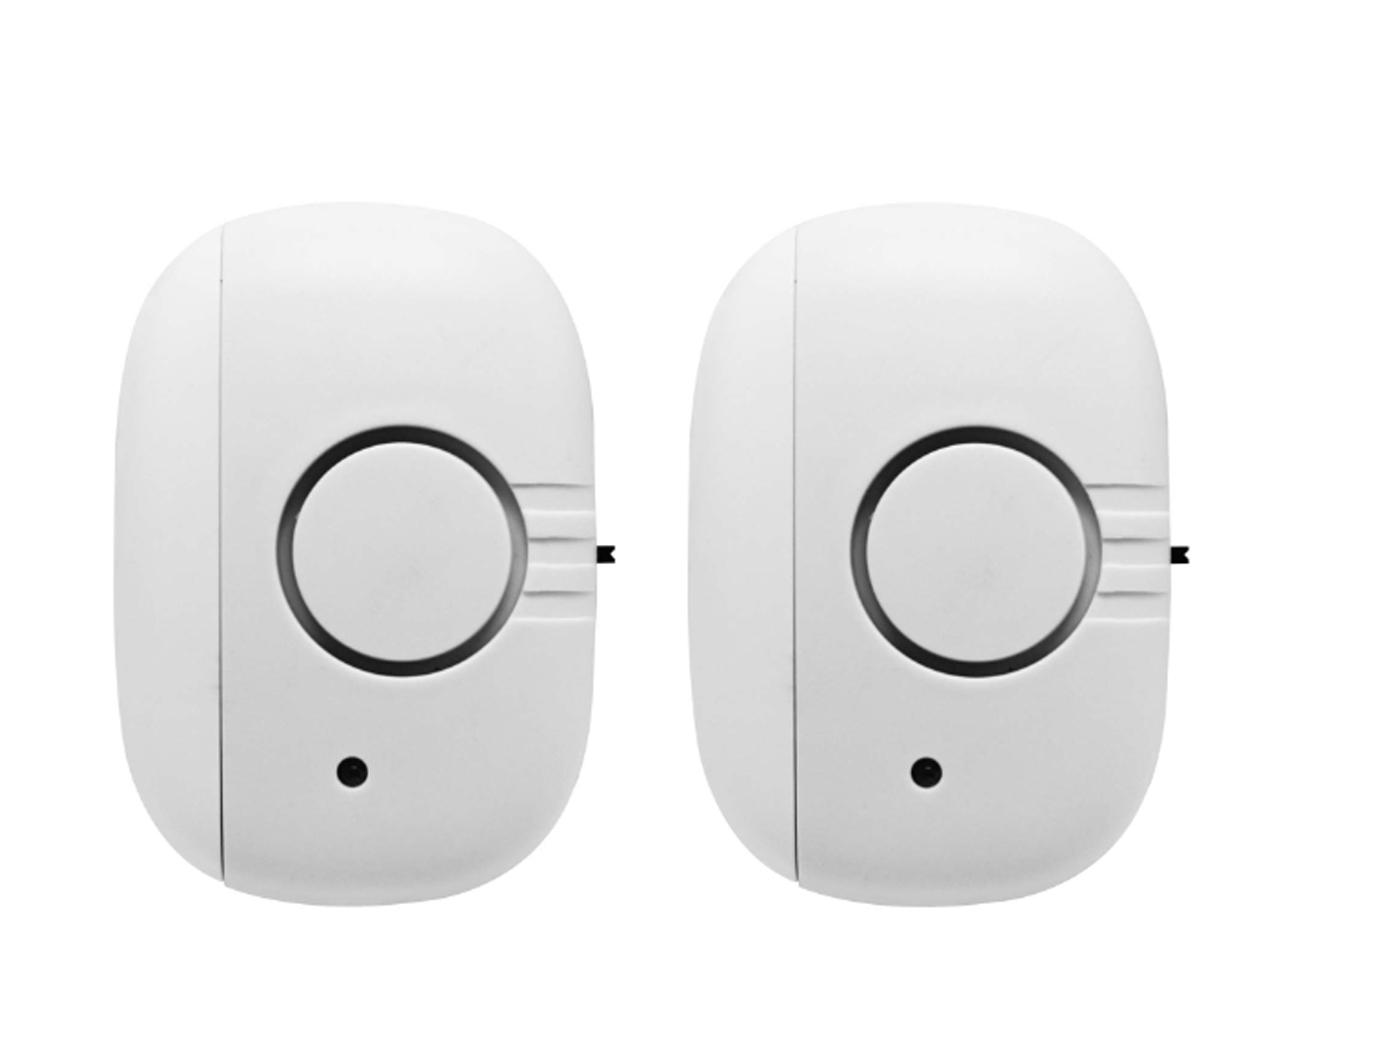 2er-Set WiFi Fensterkontakt Hausalarm Zusatz zu Mini-Alarmsystem von G-Homa